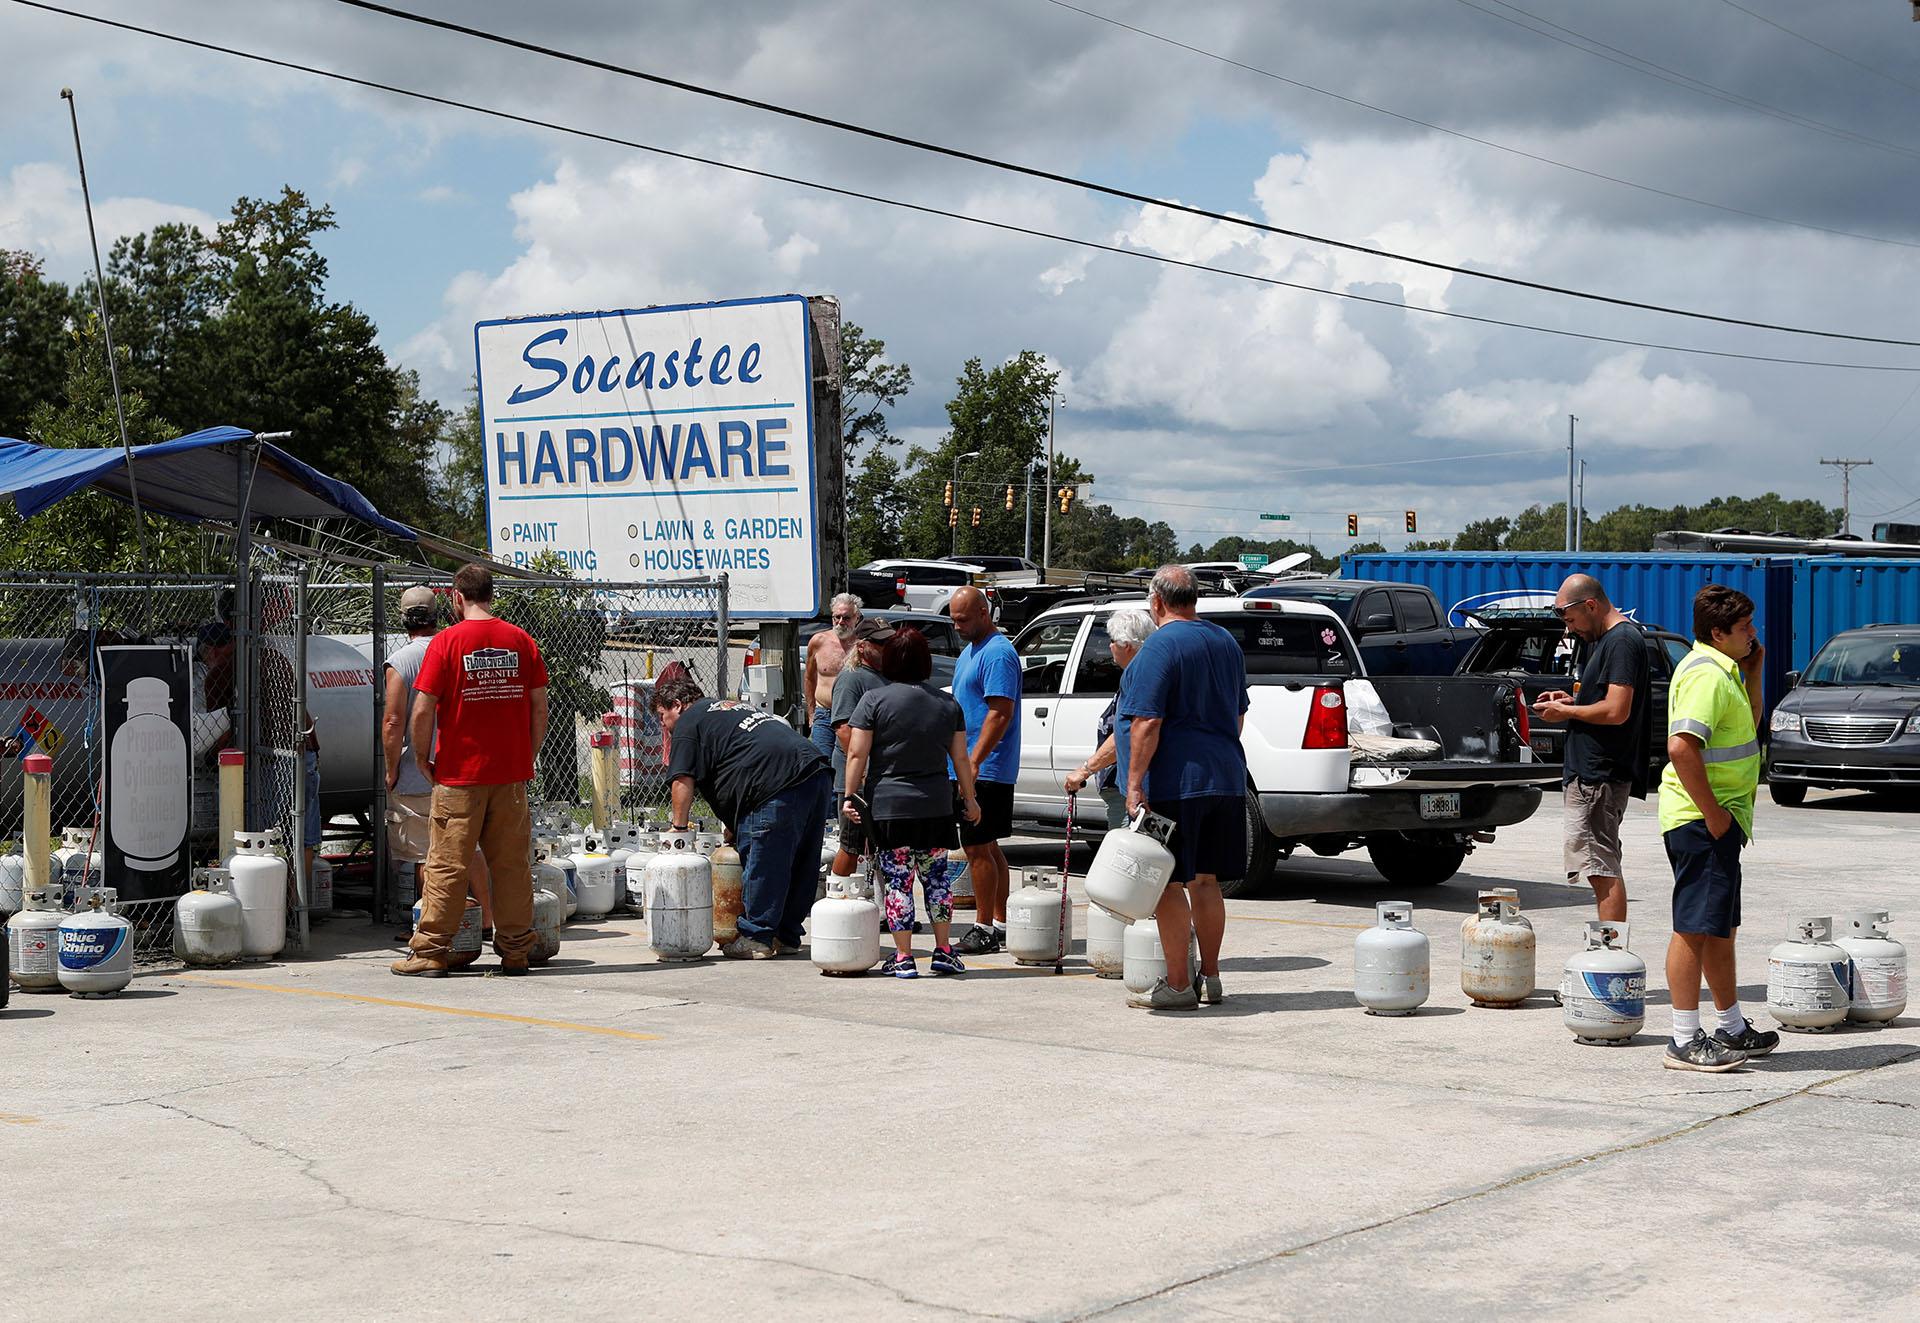 Personasse alinean para comprar gas propano en laferretería Socastee, antes de la llegada del huracán Florence a Myrtle Beach, Carolina del Sur (REUTERS/Randall Hill)